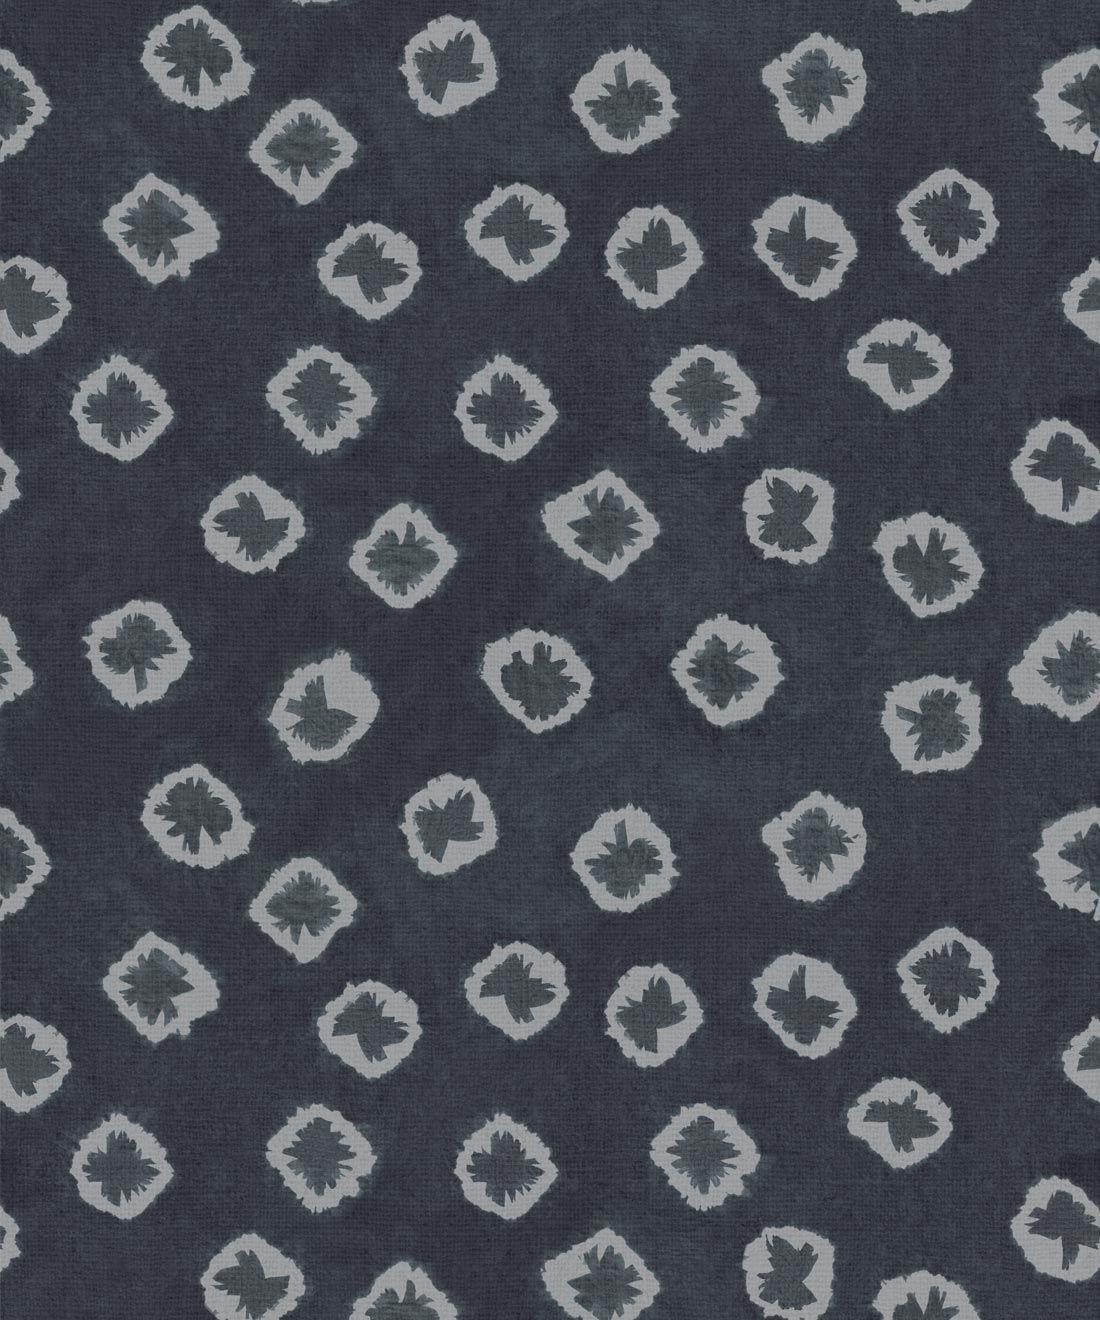 Midnight Kanoko Wallpaper • Shibori